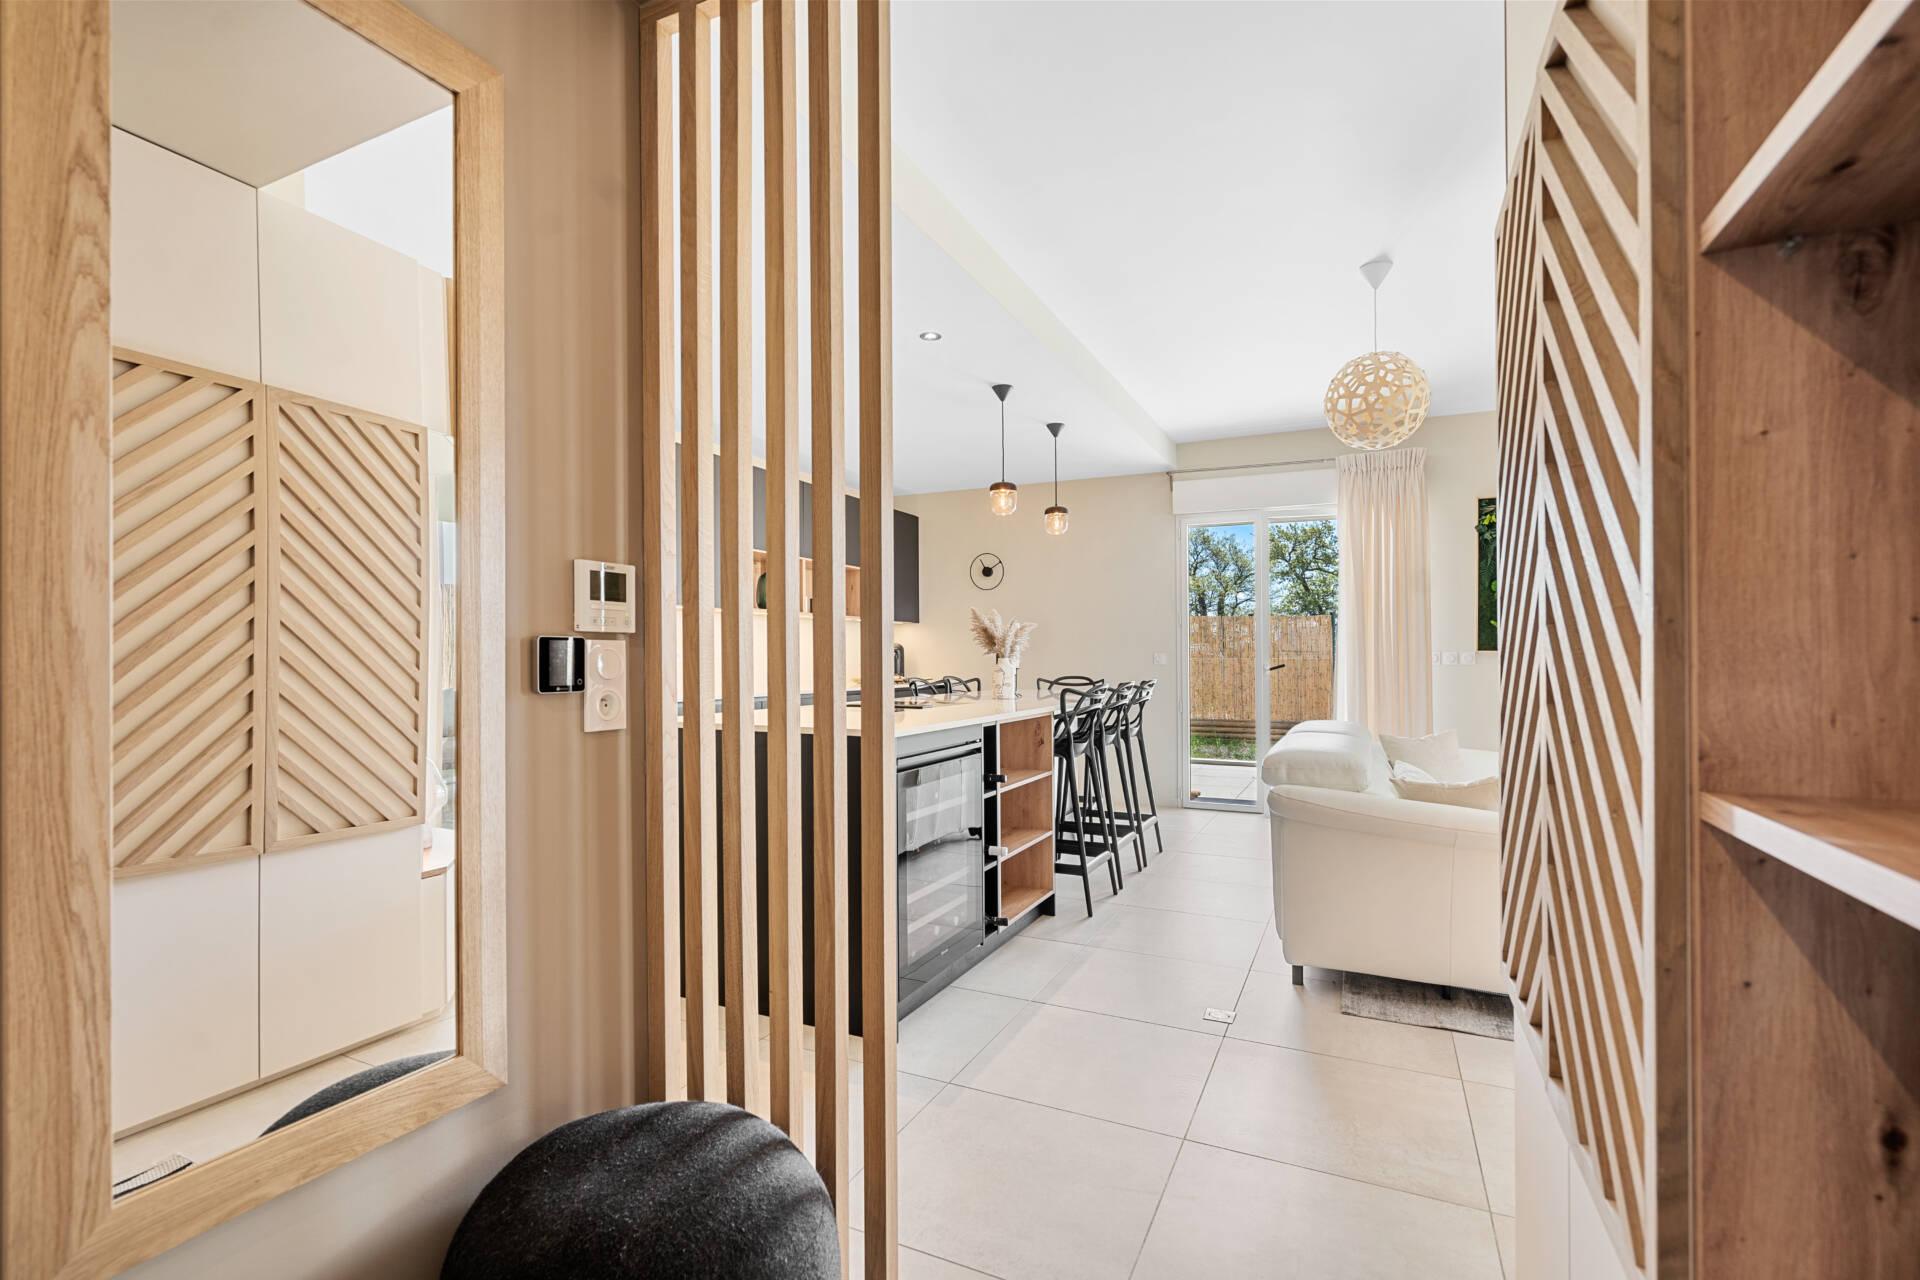 Décoration et agencement Appartement neuf Aix en Provence - Entrée avec meuble sur mesure et claustra bois, par Myll décors , Agence de décoration à Aix en Provence et dans le Var